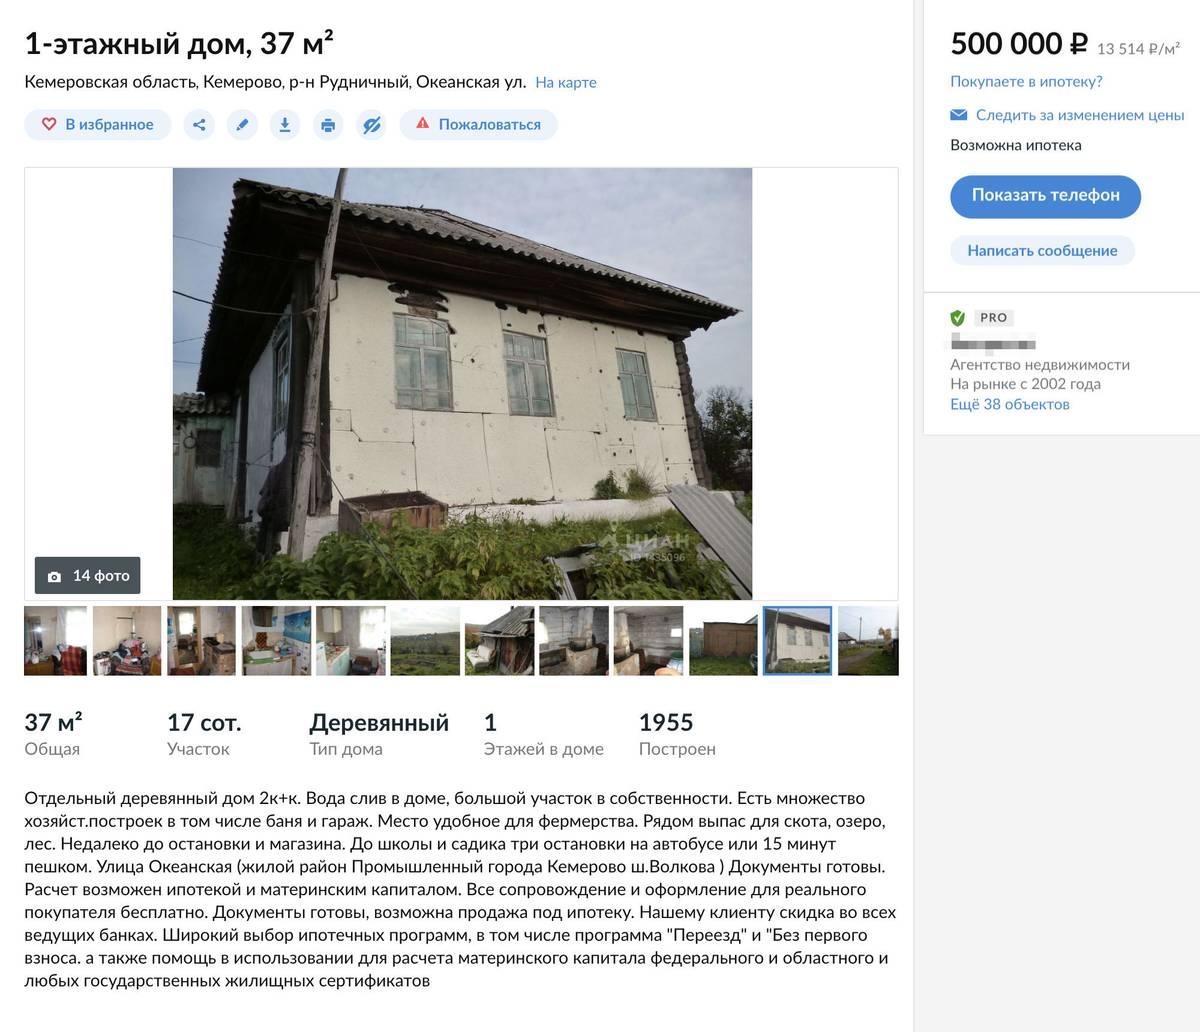 Такой одноэтажный дом за полмиллиона рублей продается в пригородном поселке Промышленновский, где есть как частные дома, так и многоэтажки